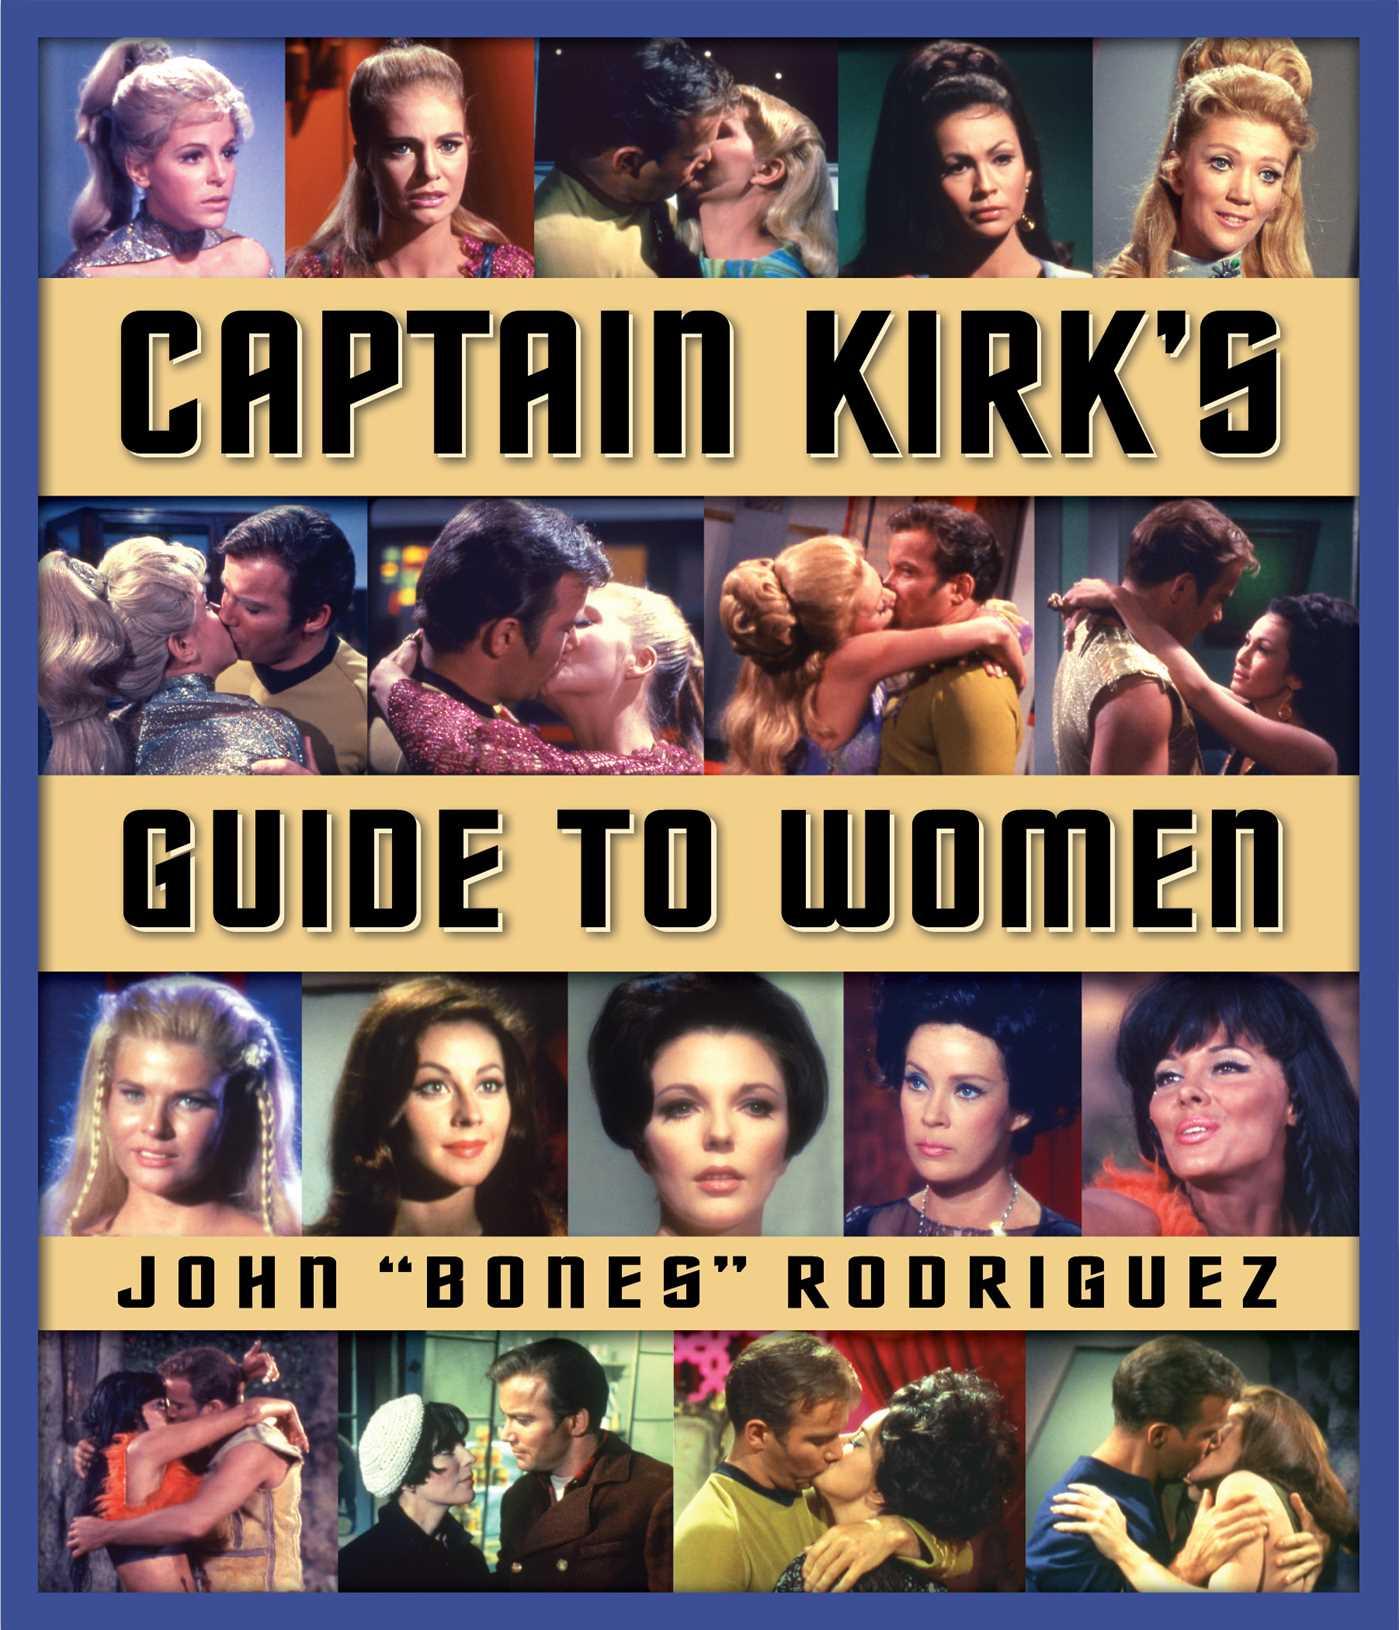 Captain kirks guide to women 9781416587927 hr